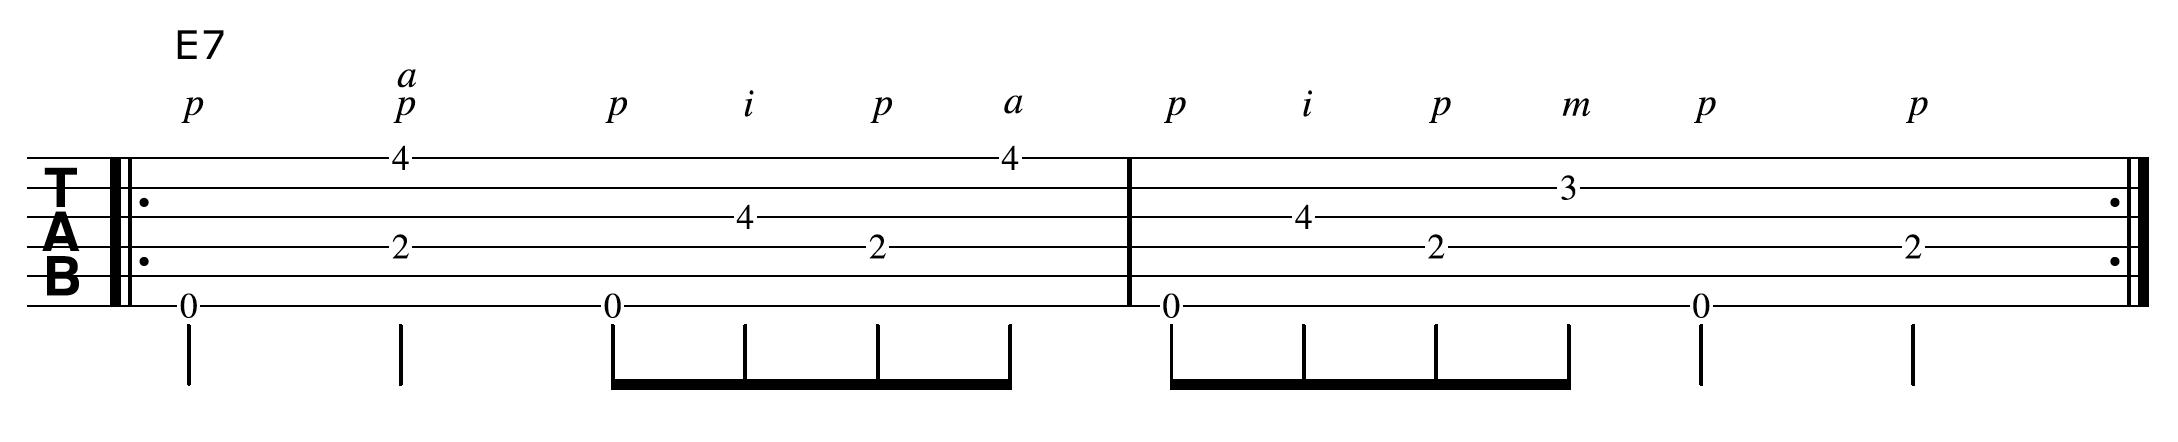 Guitar-Fingerpicking-Technique-Chord-Vamp